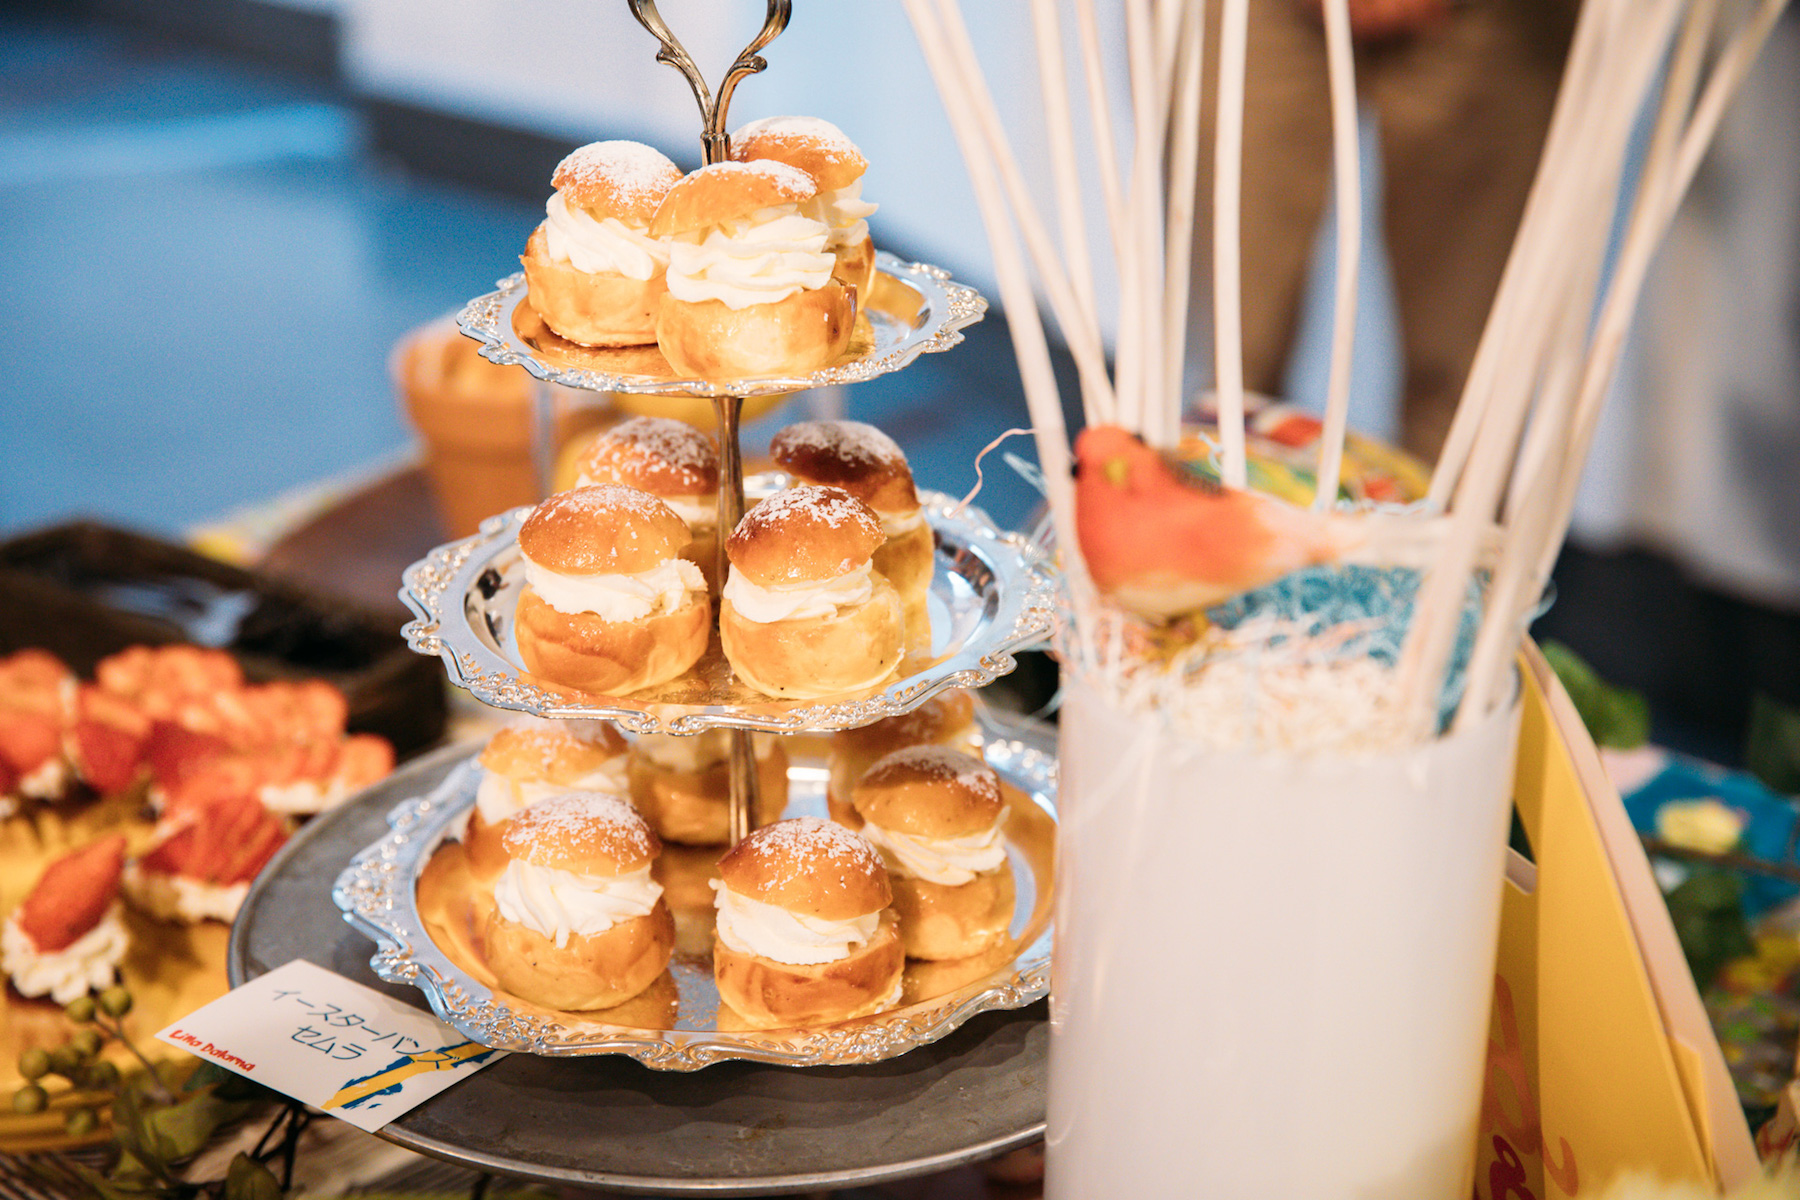 スウェーデンのコーヒー文化、フィーカを体験!美味しいお菓子とともに楽しい時間を生活の一部に